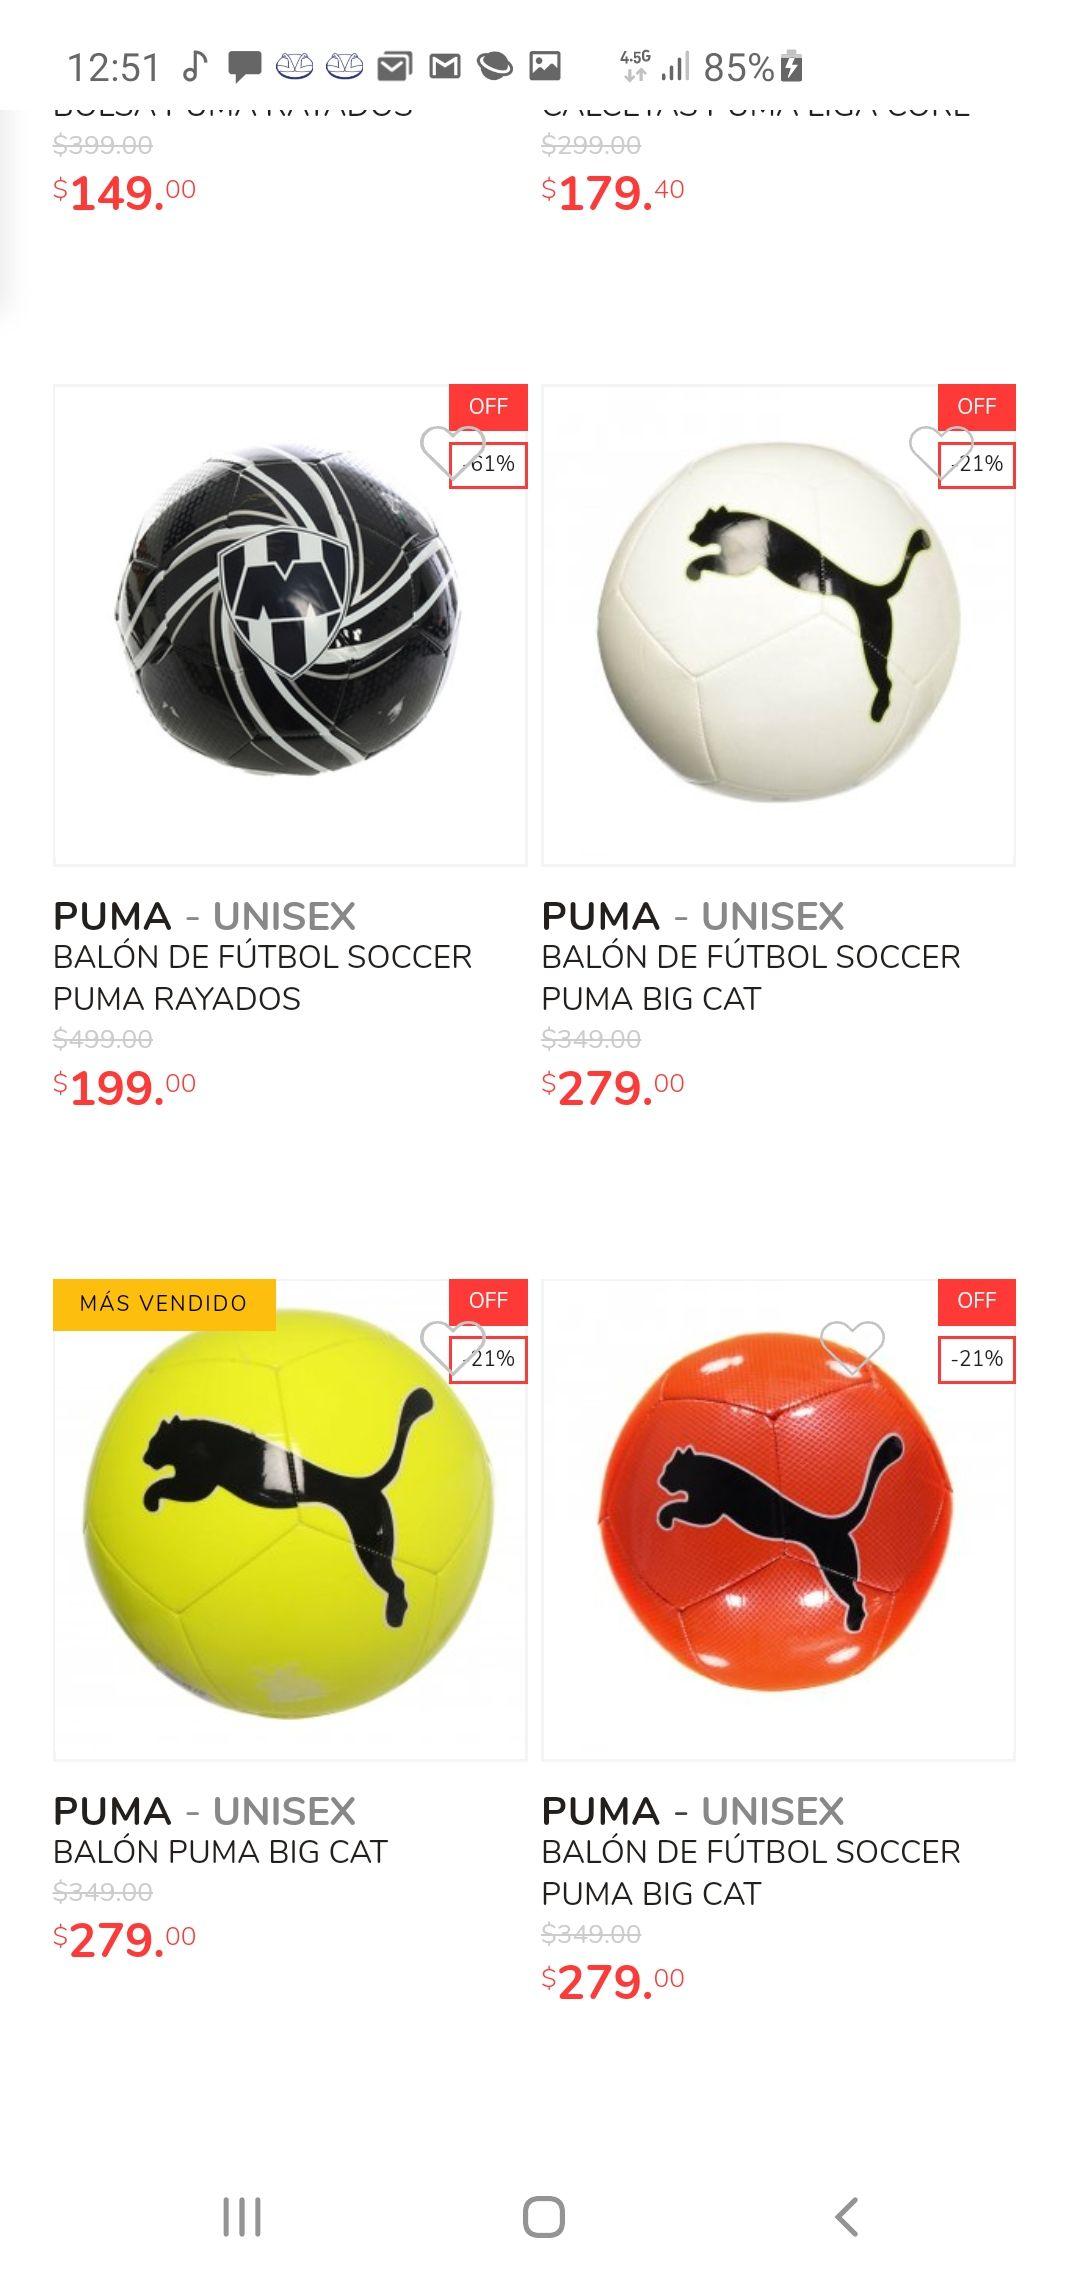 Innovasport: Balón de Fútbol Soccer Puma Big Cat